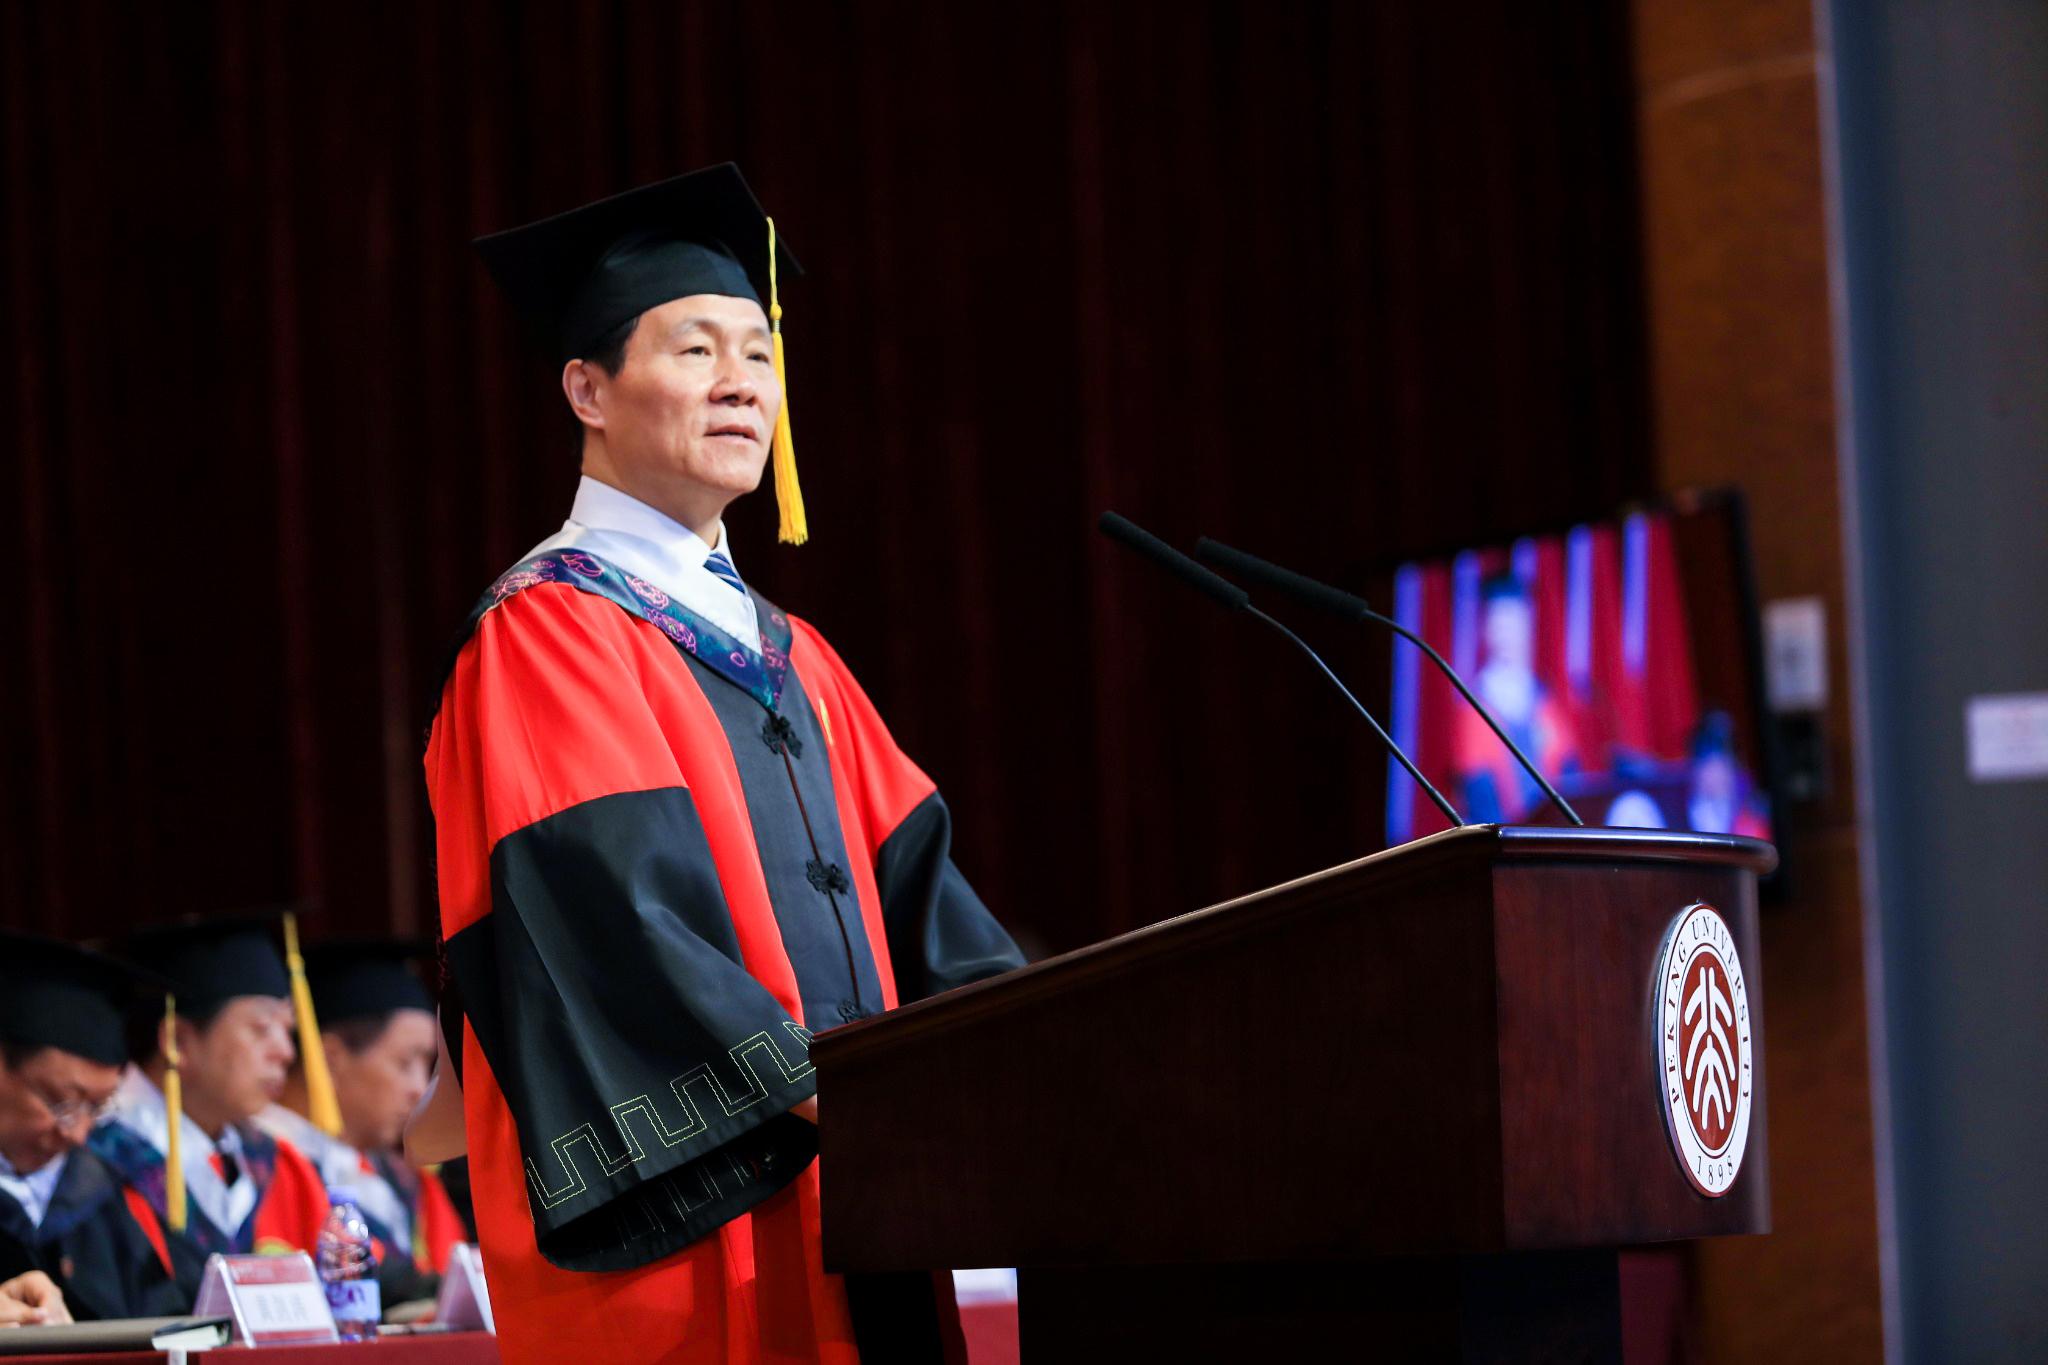 传承五四精神,勇担时代重任——詹启敏院长在2019年毕业典礼上的致辞